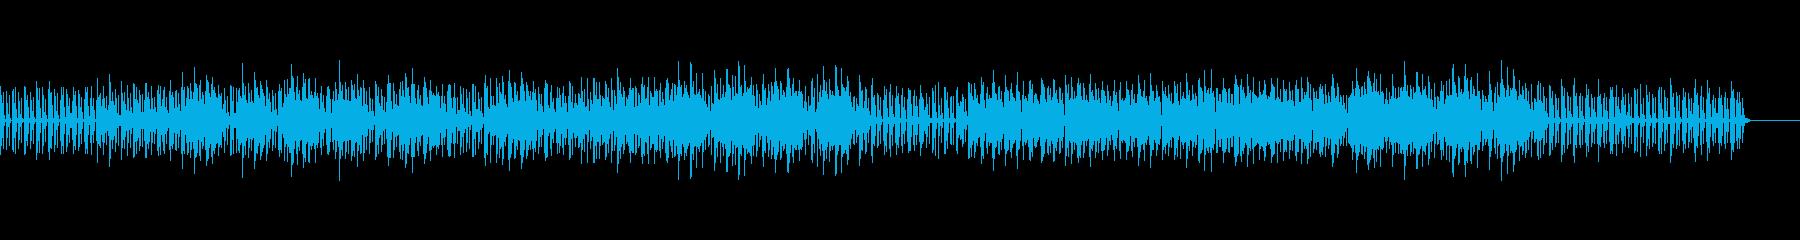 ビッグバンド風の少し抑えめなBGMの再生済みの波形